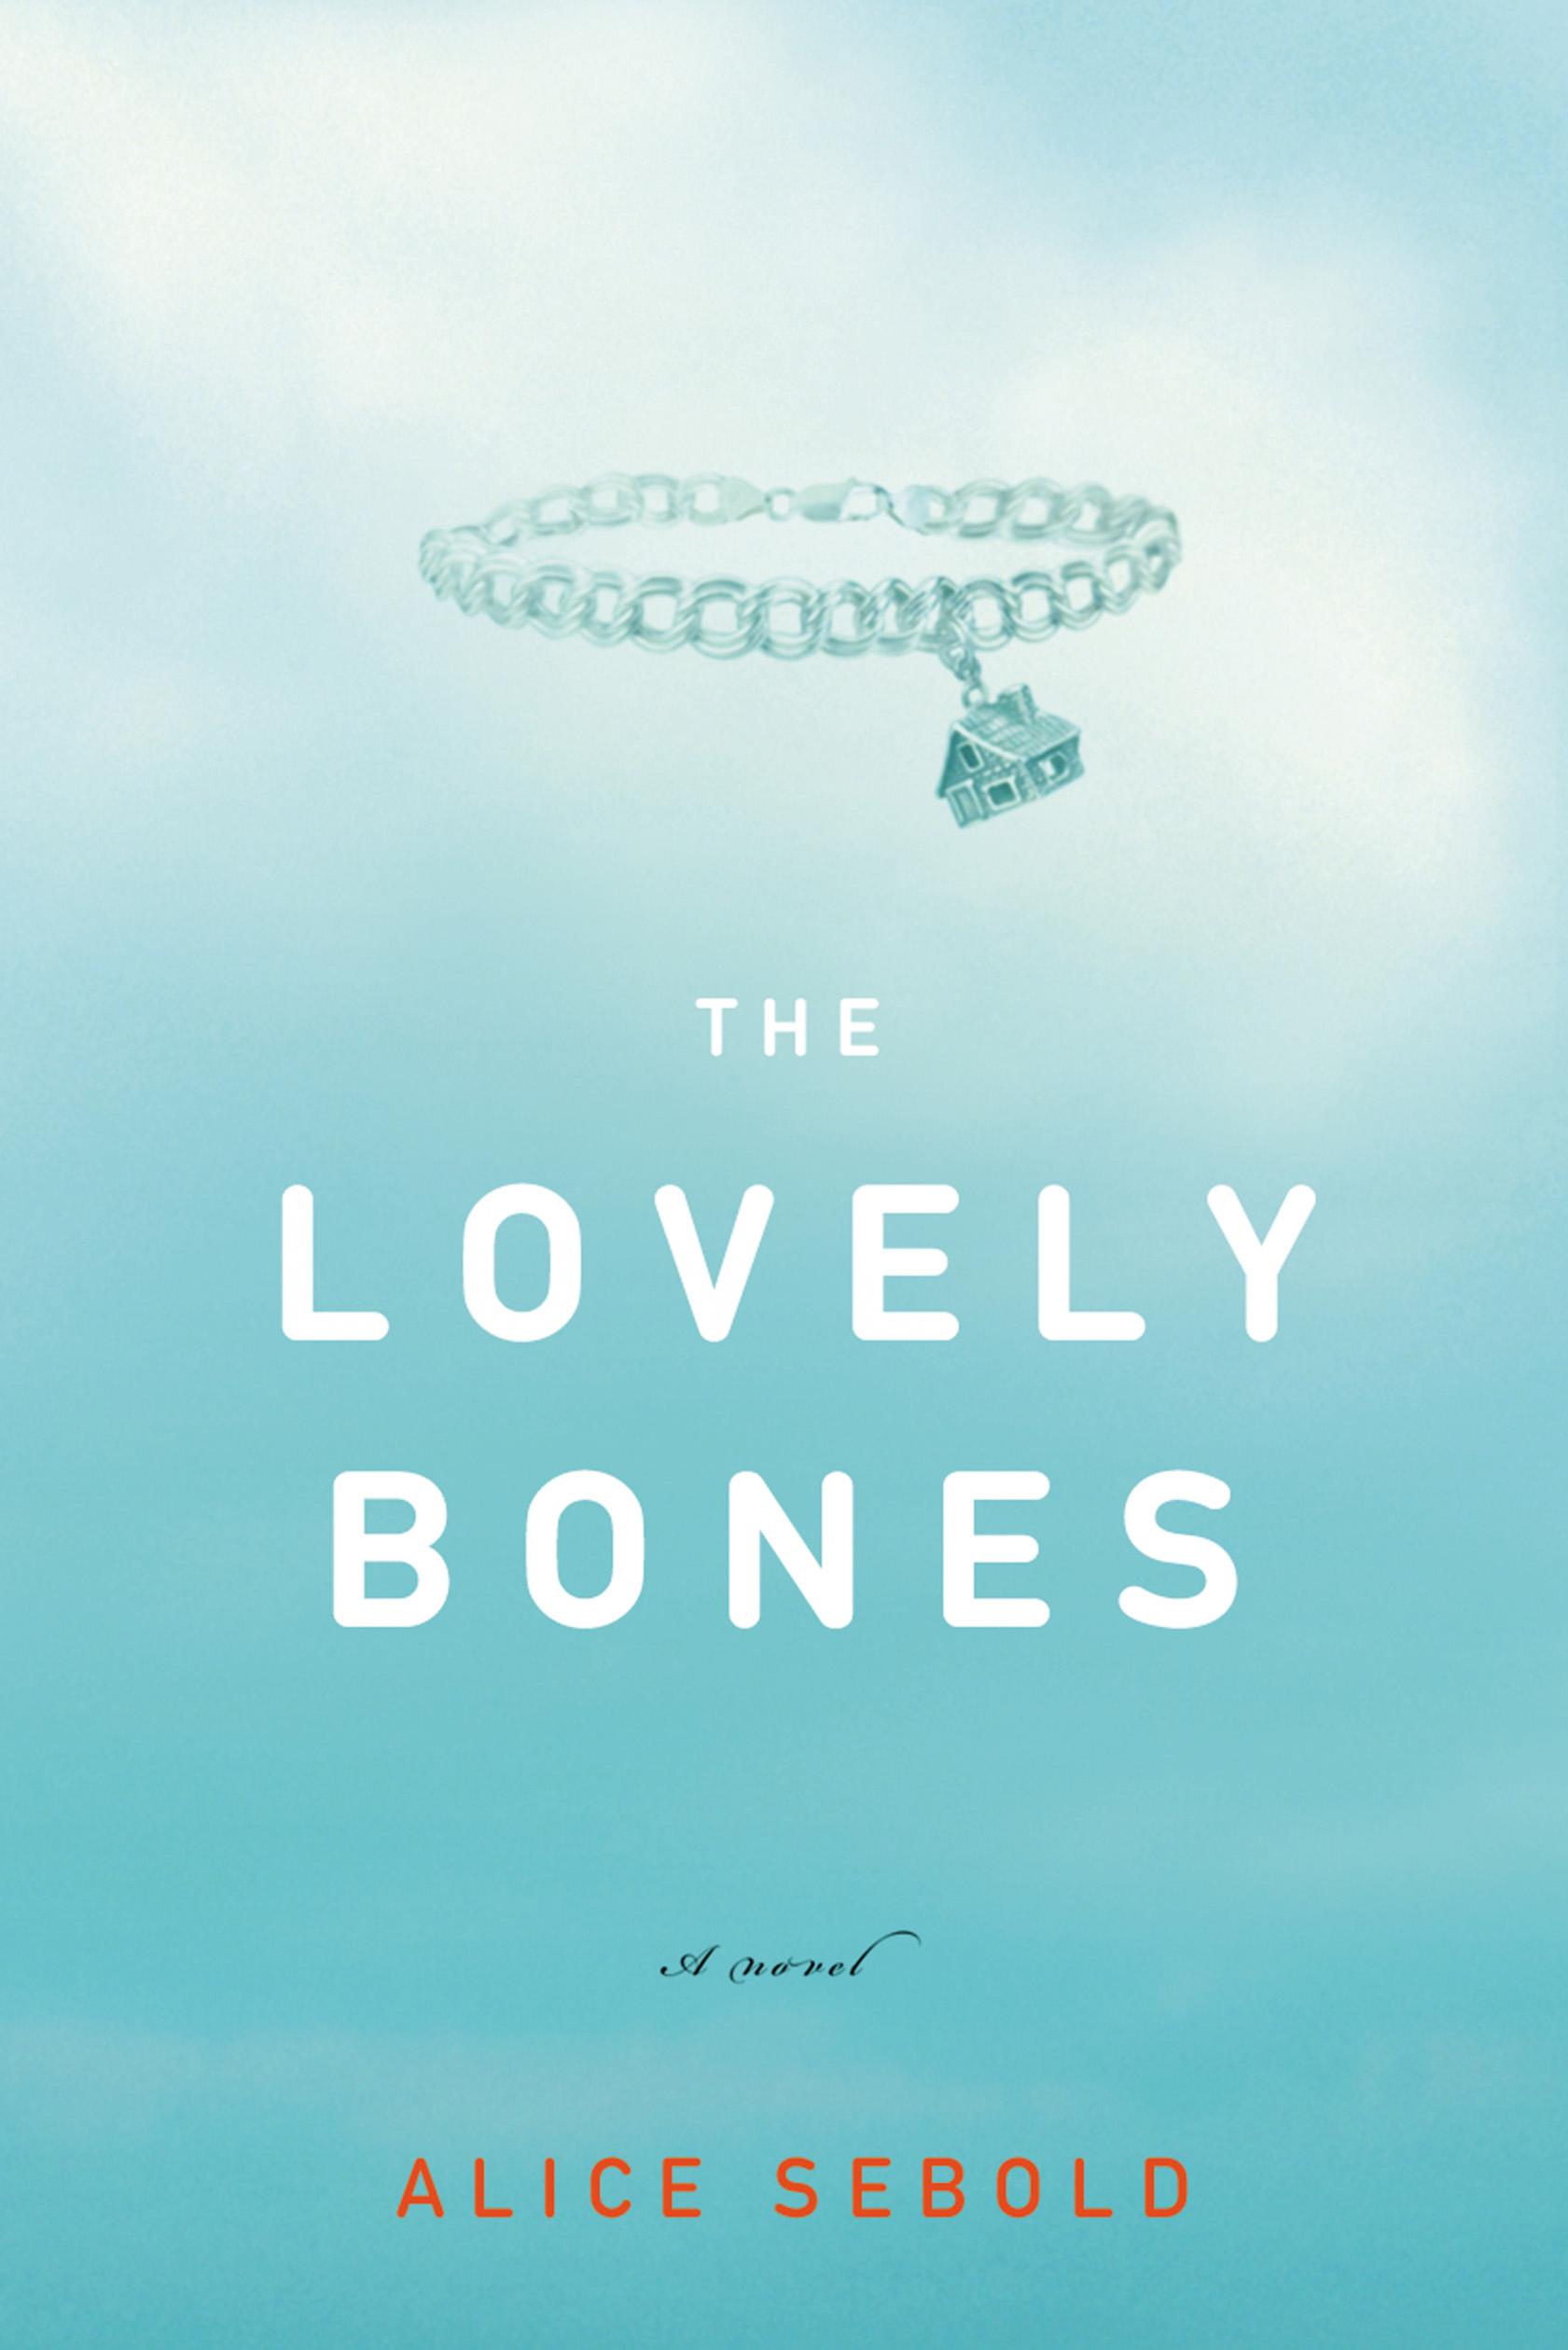 Image - LovelyBones_Bookcover.jpg